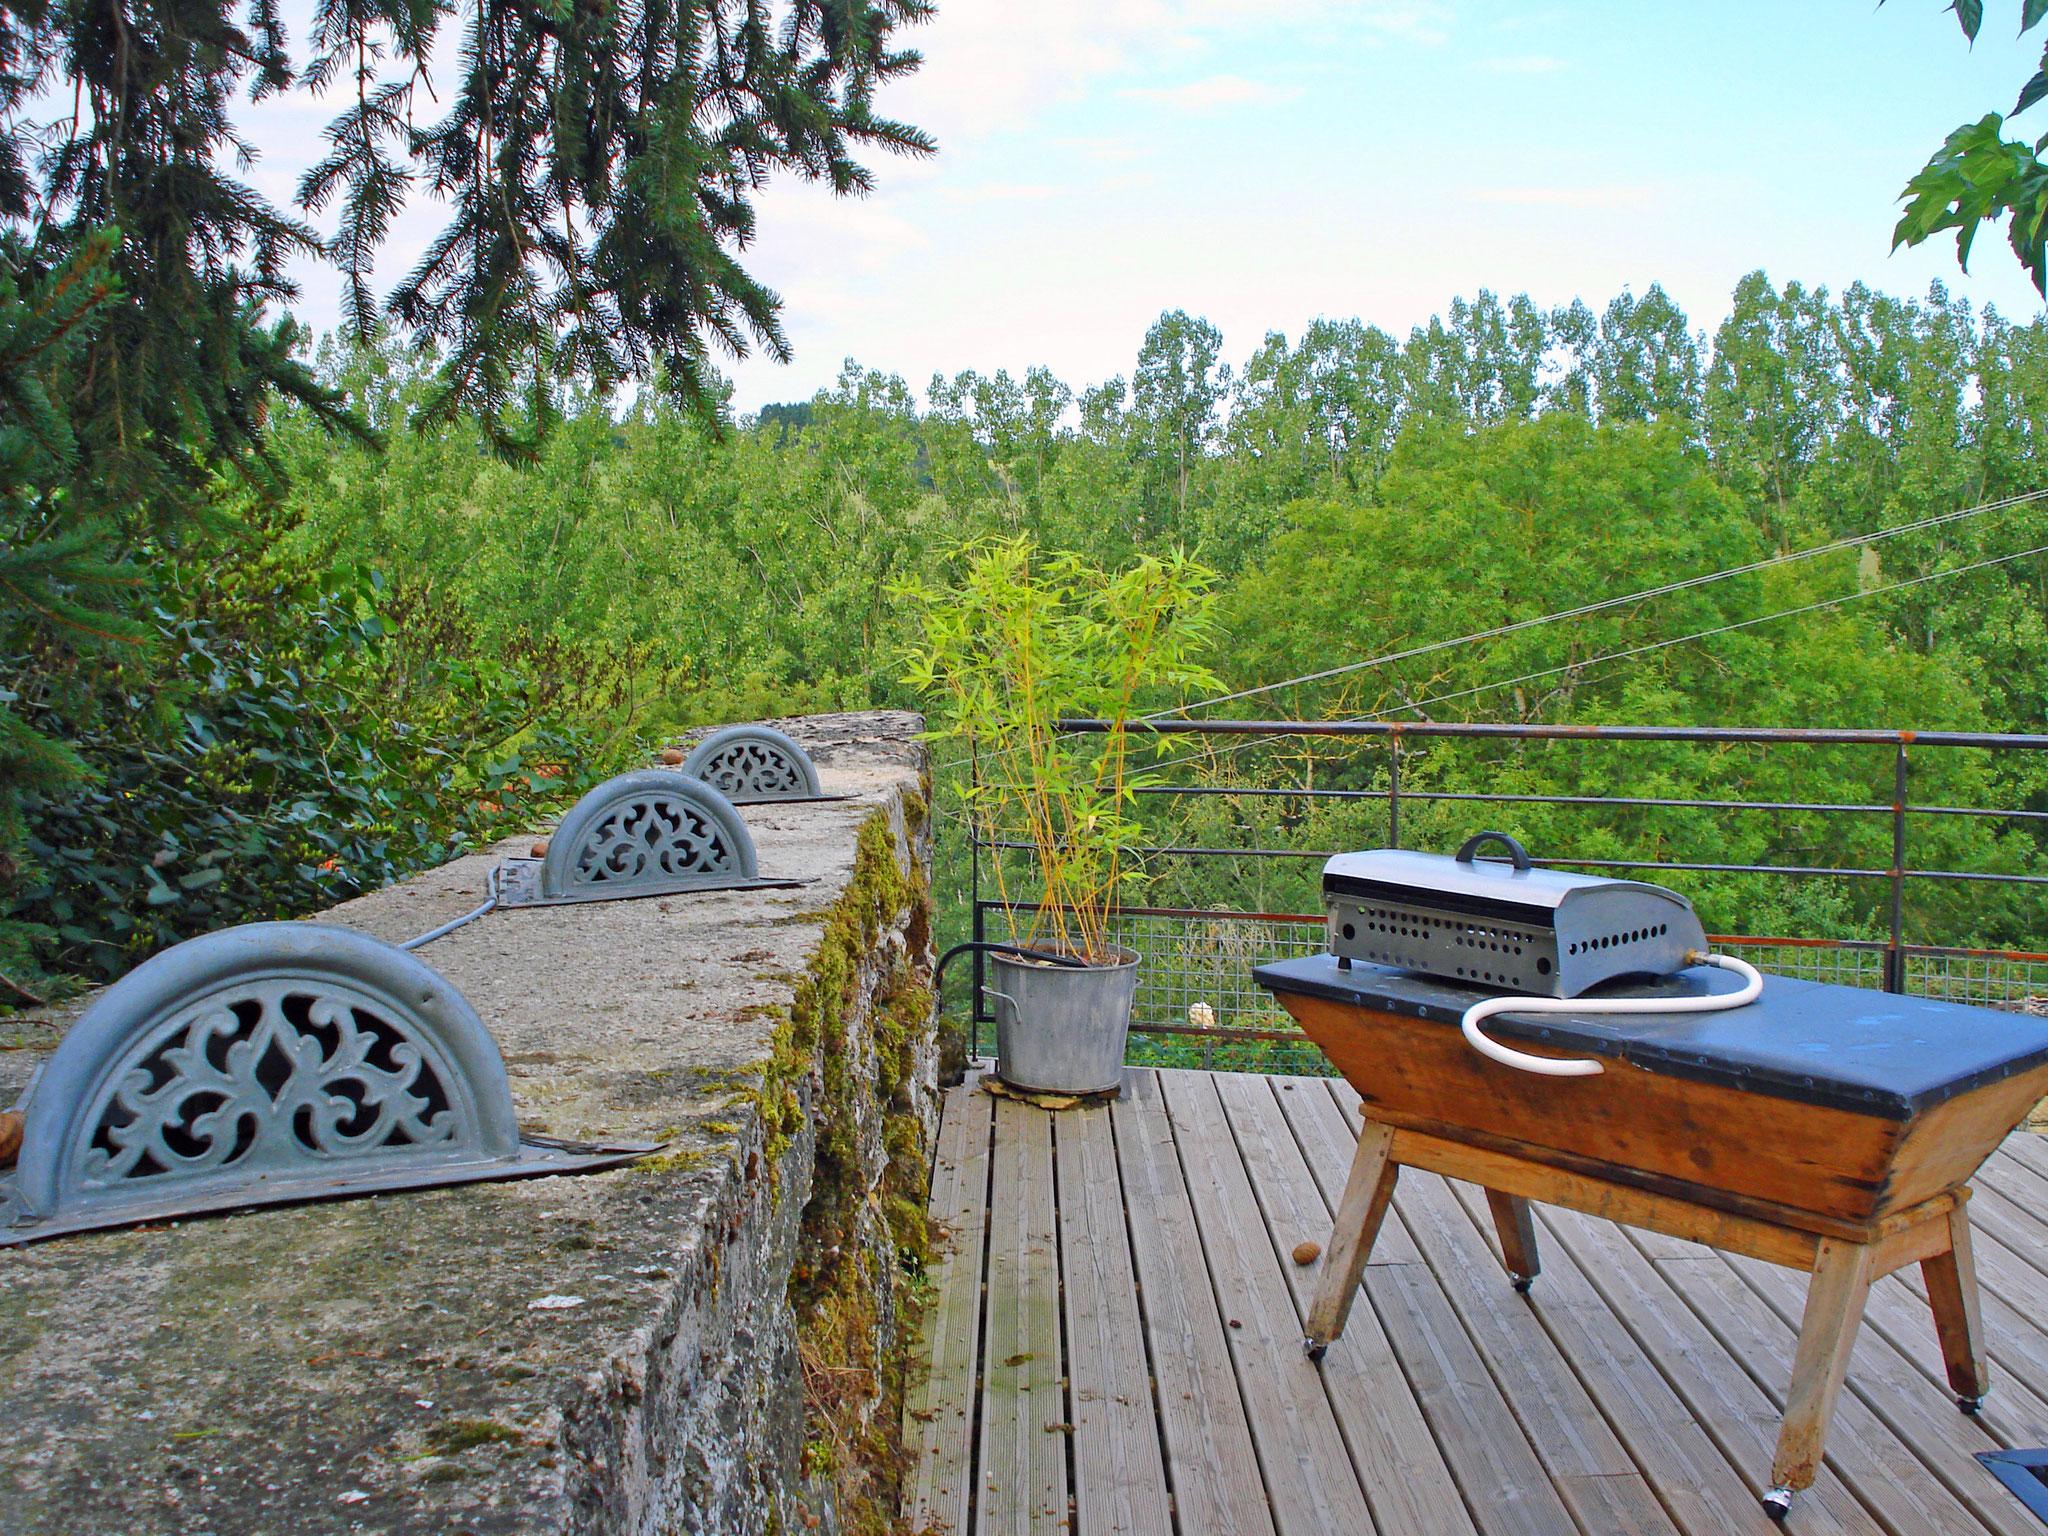 Eclairage d'ambiance et plancha - Gite La Garde Gagnac en Aveyron